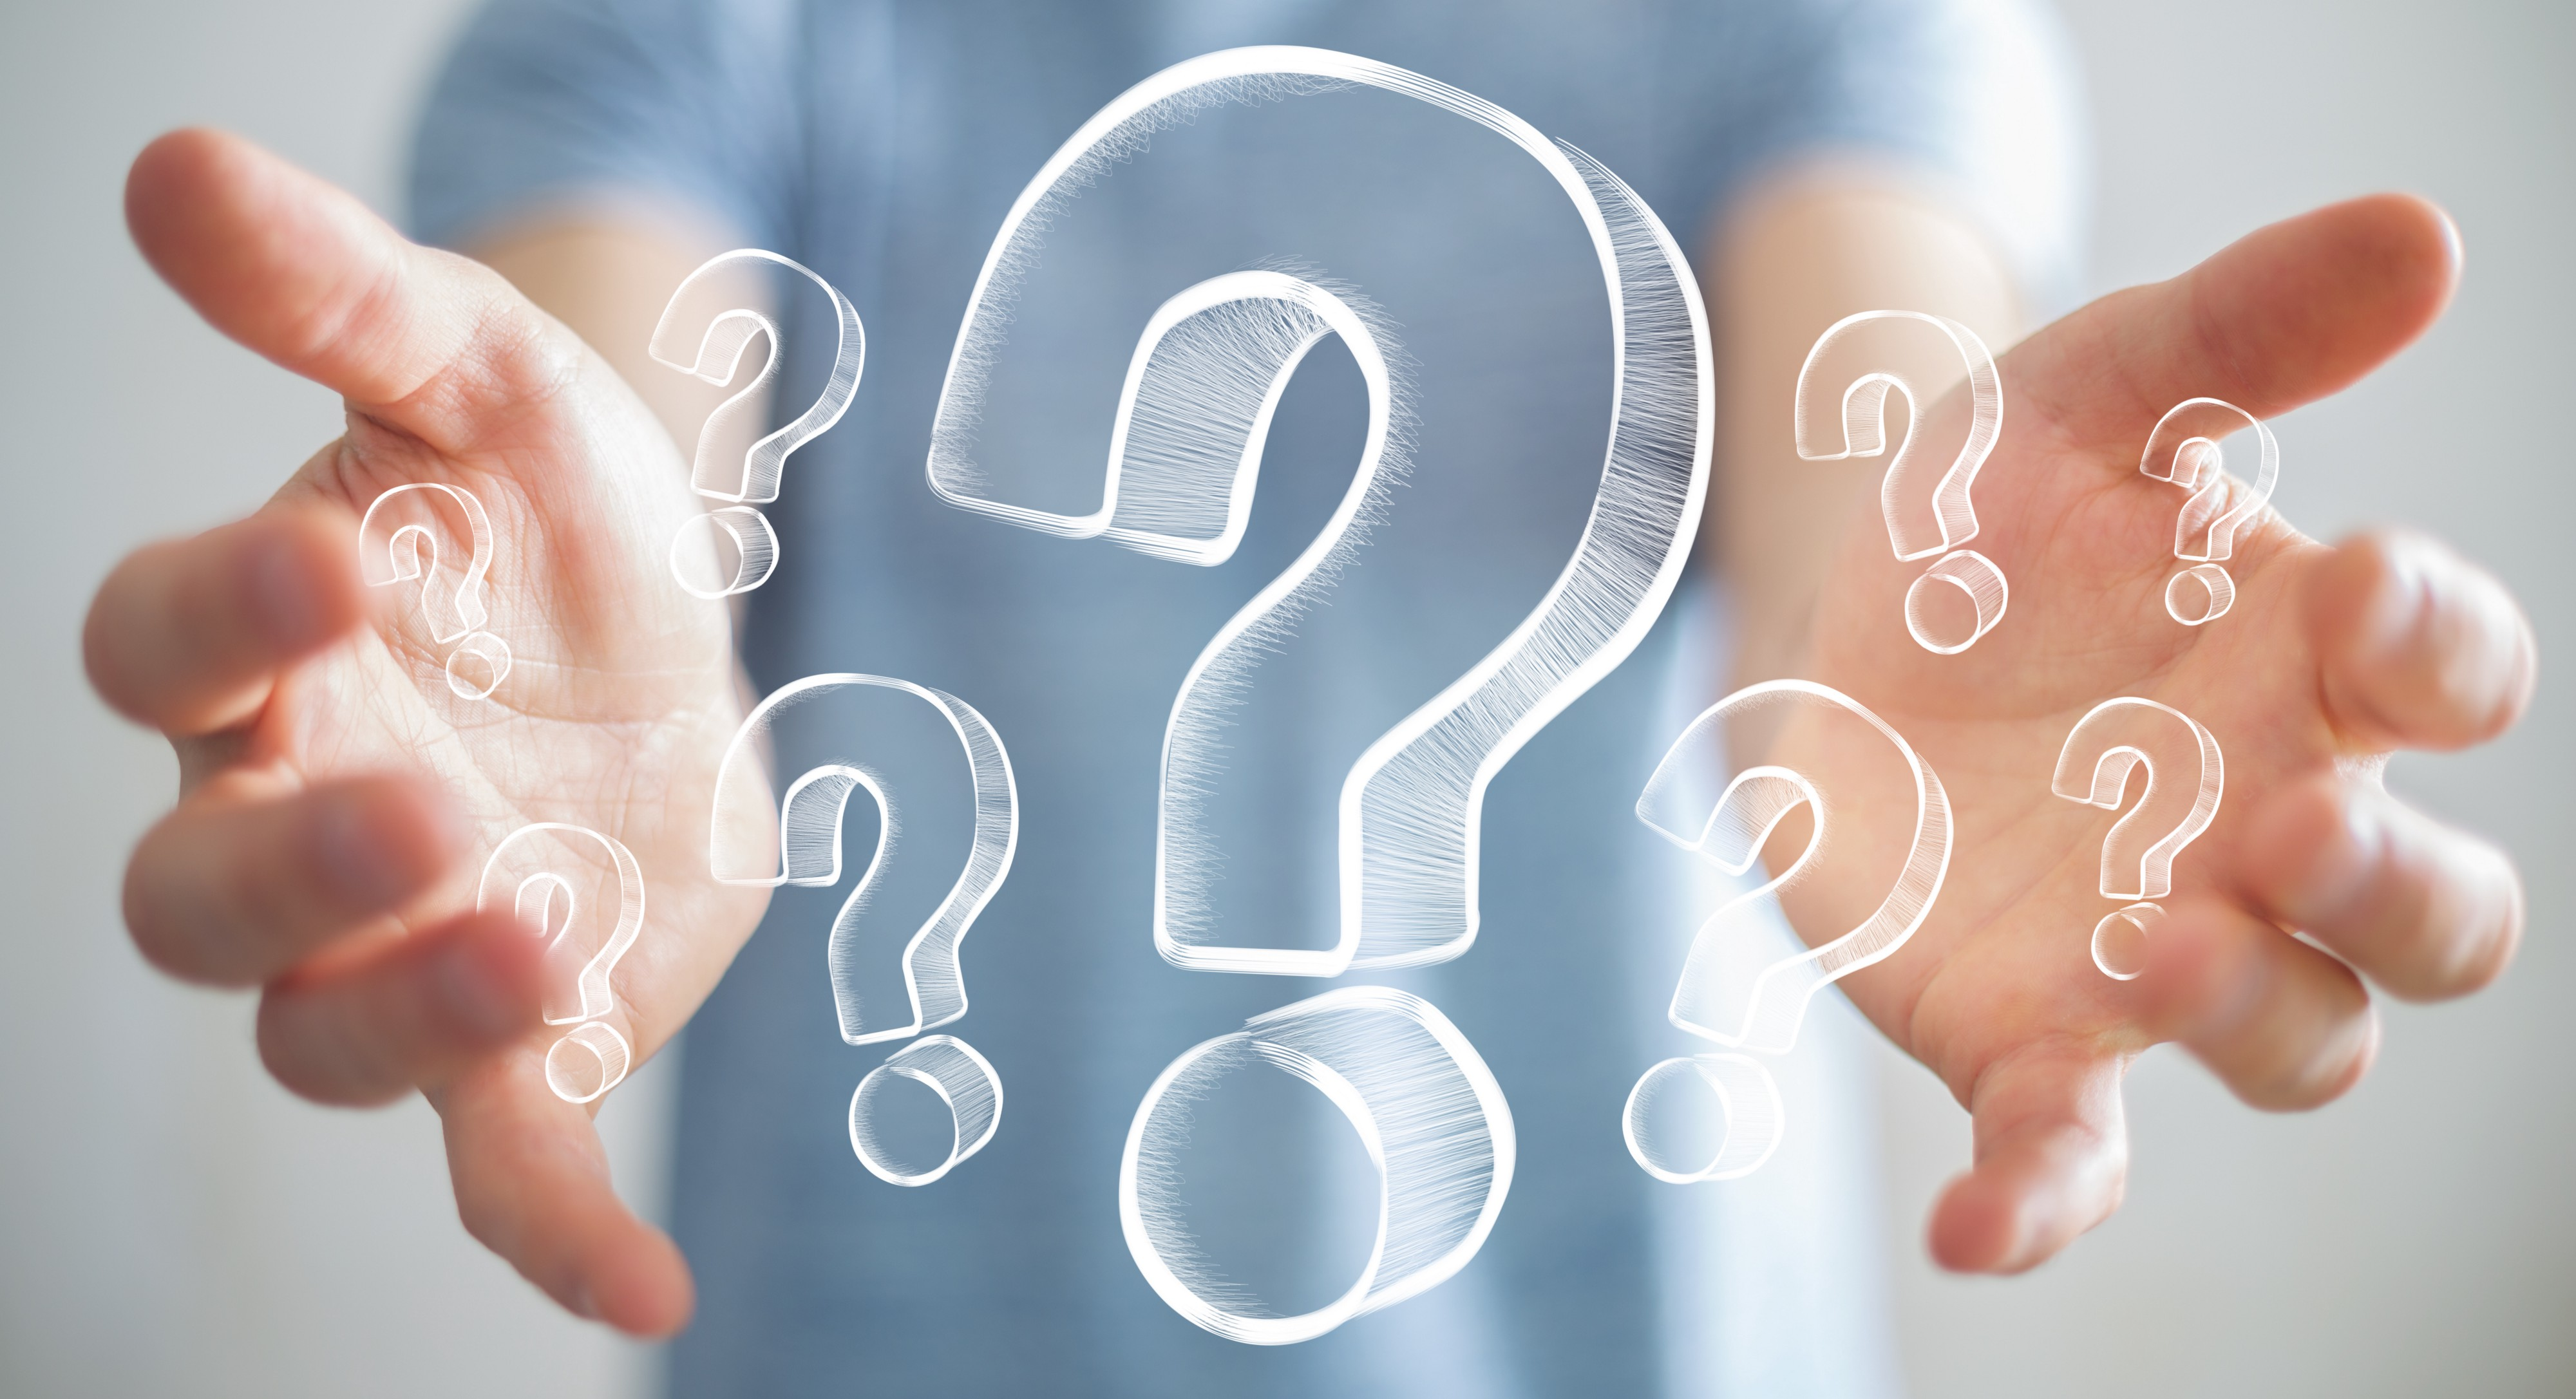 Pesquisas descobriram que há mais de um tipo de curiosidade. Qual você tem?